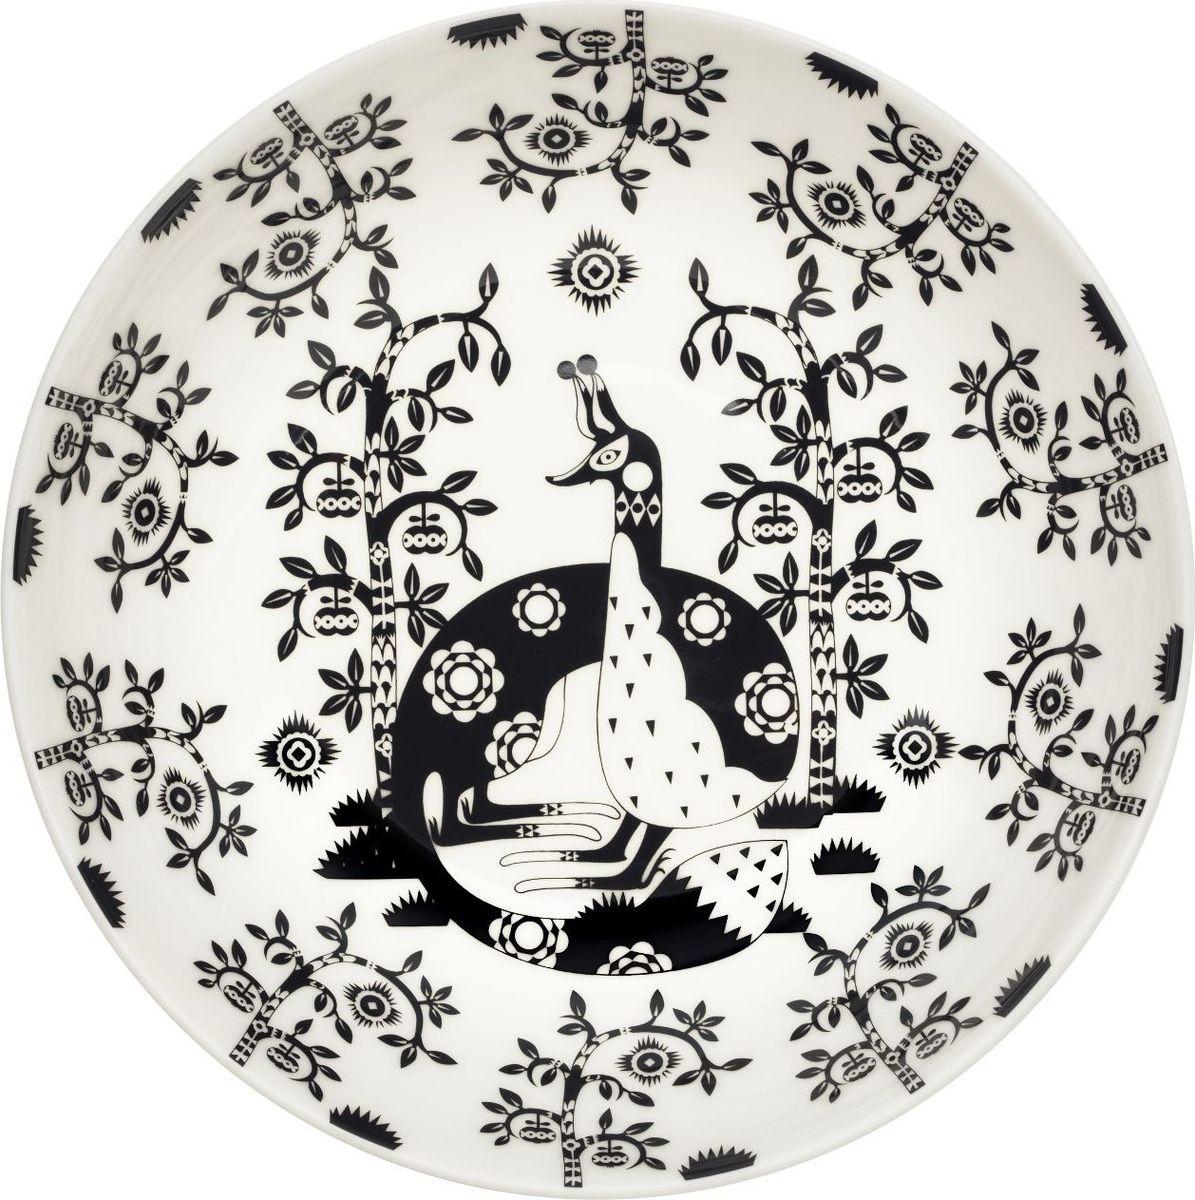 Тарелка глубокая Iittala Taika, цвет: черный, диаметр 22 см1023852На финском языке Taika означает «волшебство». Знаменитый финиский дизайнер и иллюстратор Klaus Haapaniemi хочет, чтобы его иллюстрации дали толчок вашему воображению. В сочетании с другими сериями Iittala, Taika позволяет прикоснуться к миру фантазии, впустить волшебство в нашу повседневную жизнь.